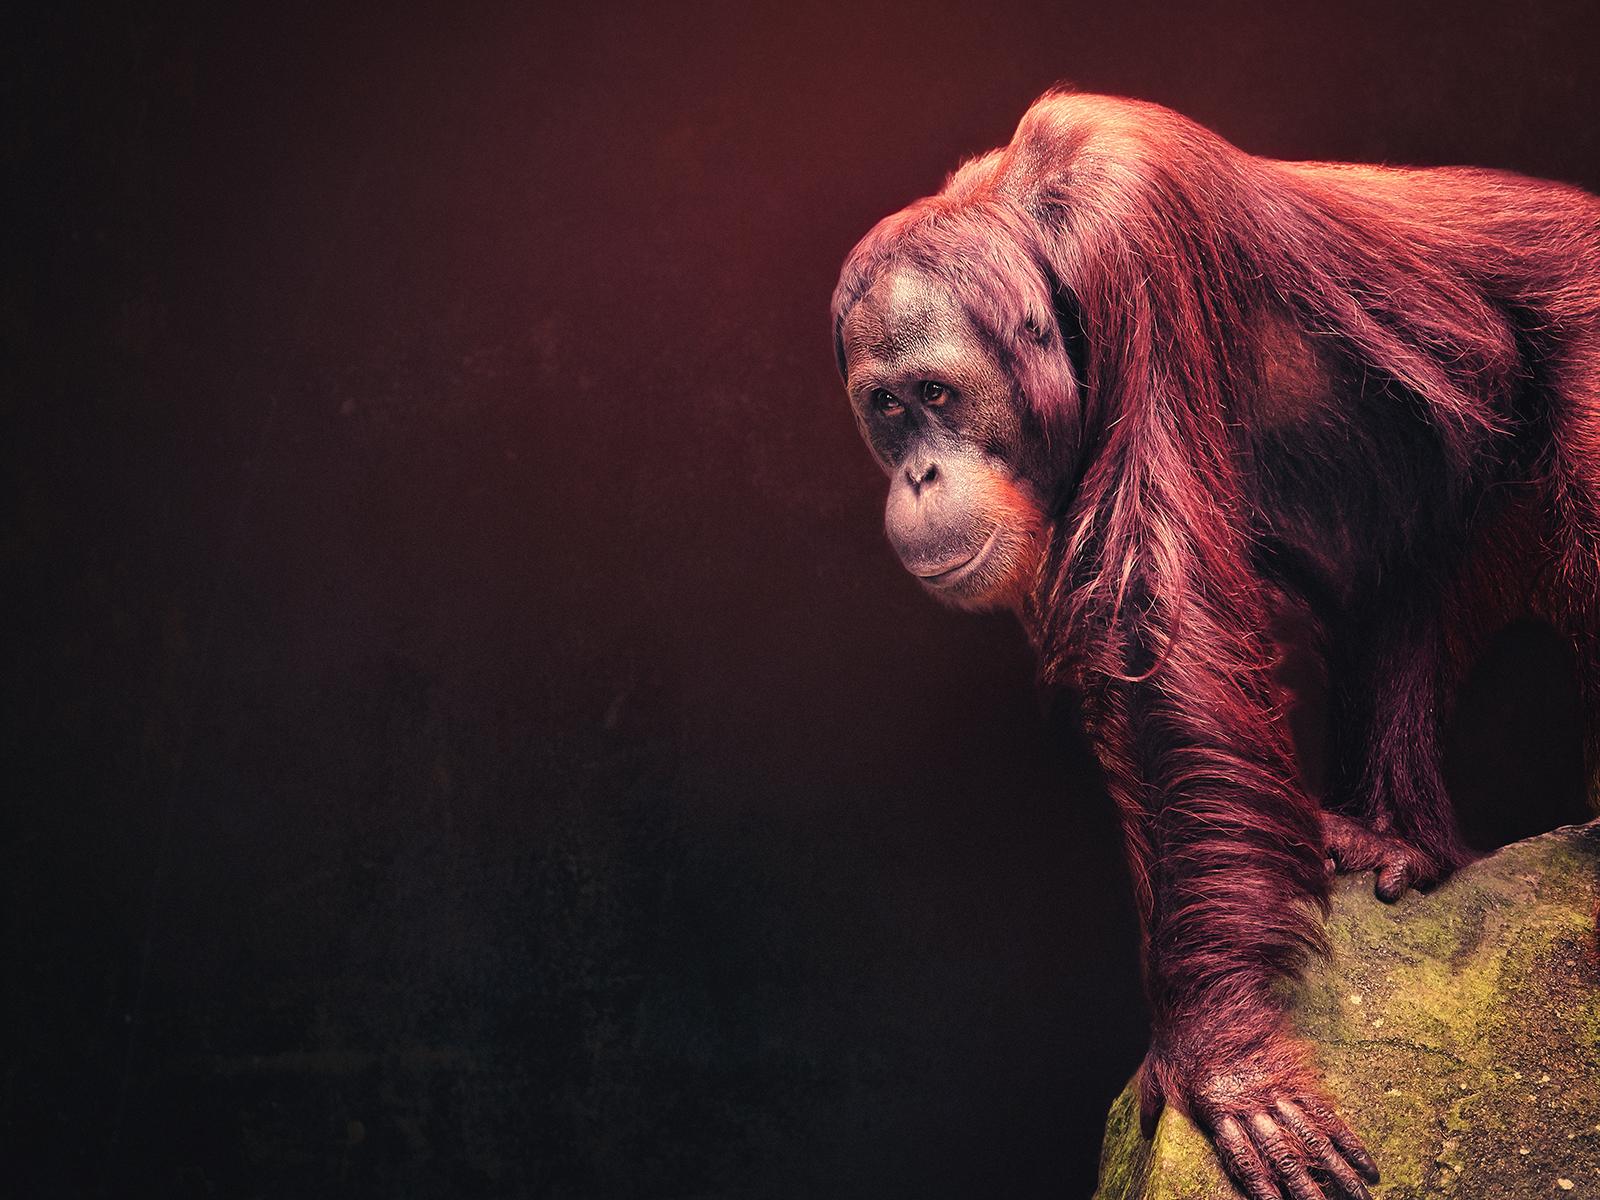 A Female Sumatran Orangutan